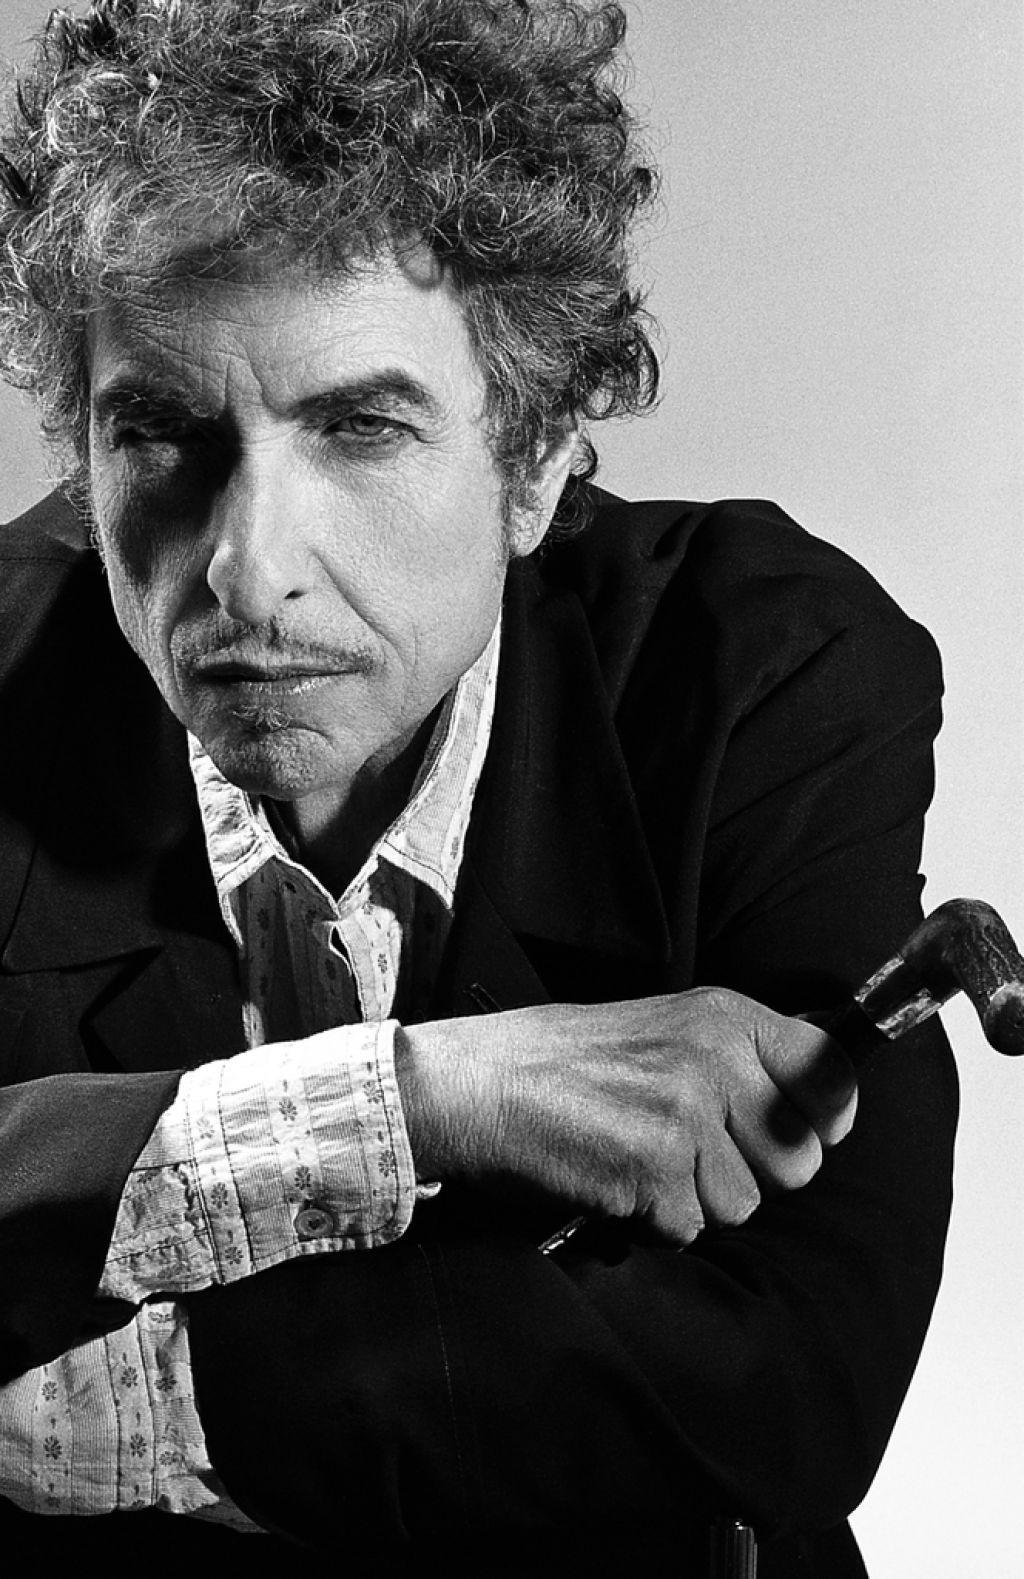 Dražba: Za kitaro Boba Dylana pričakujejo vsaj 400.000 dolarjev